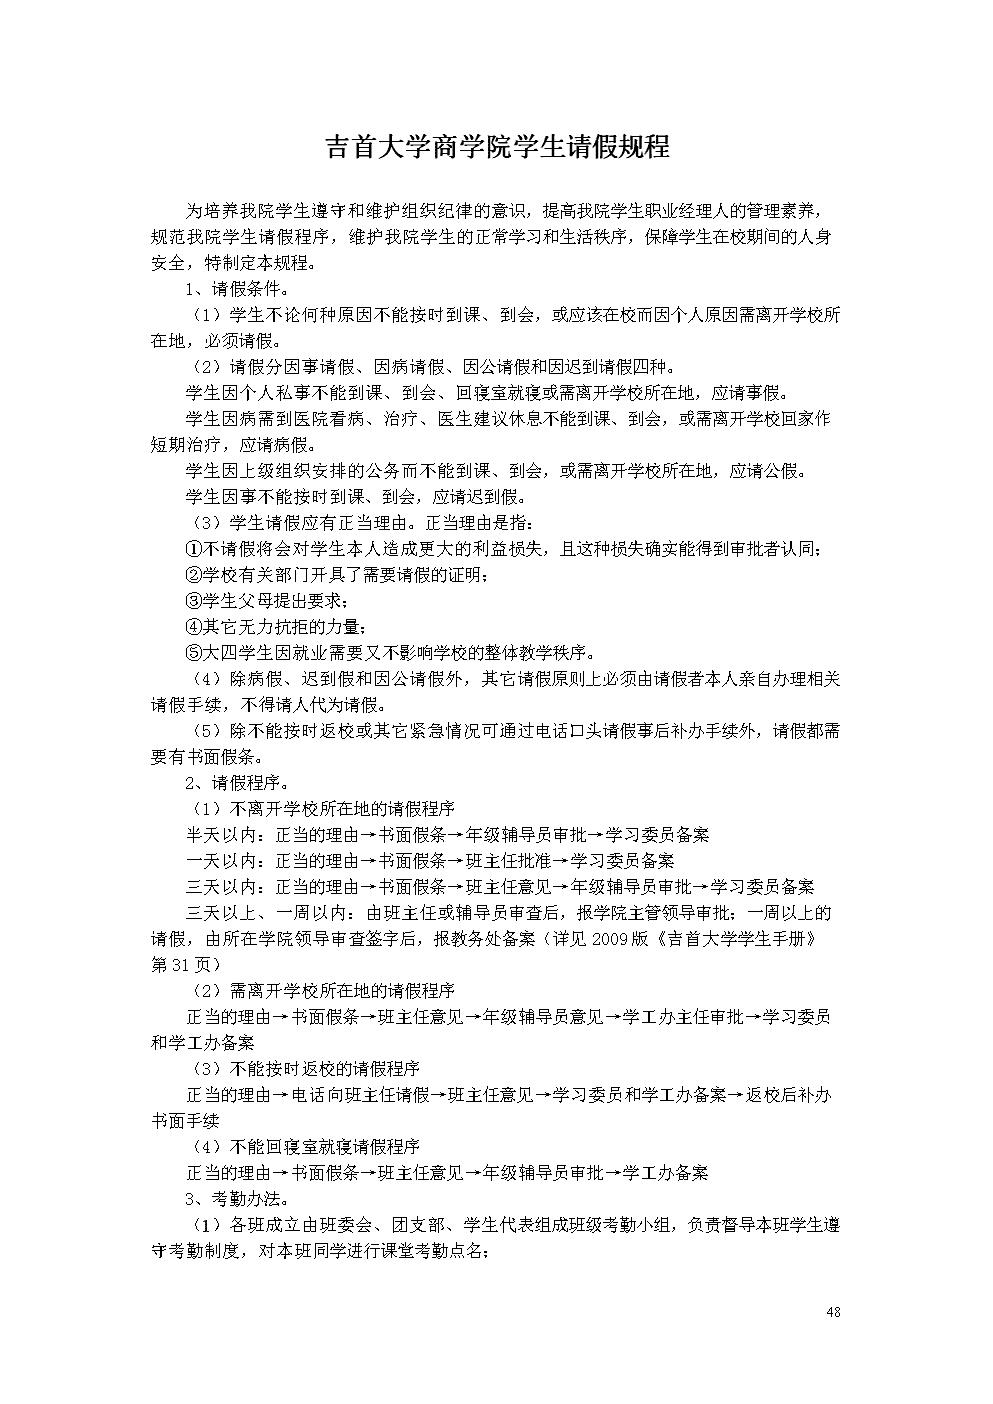 吉首大学商学院学生请假规程.doc